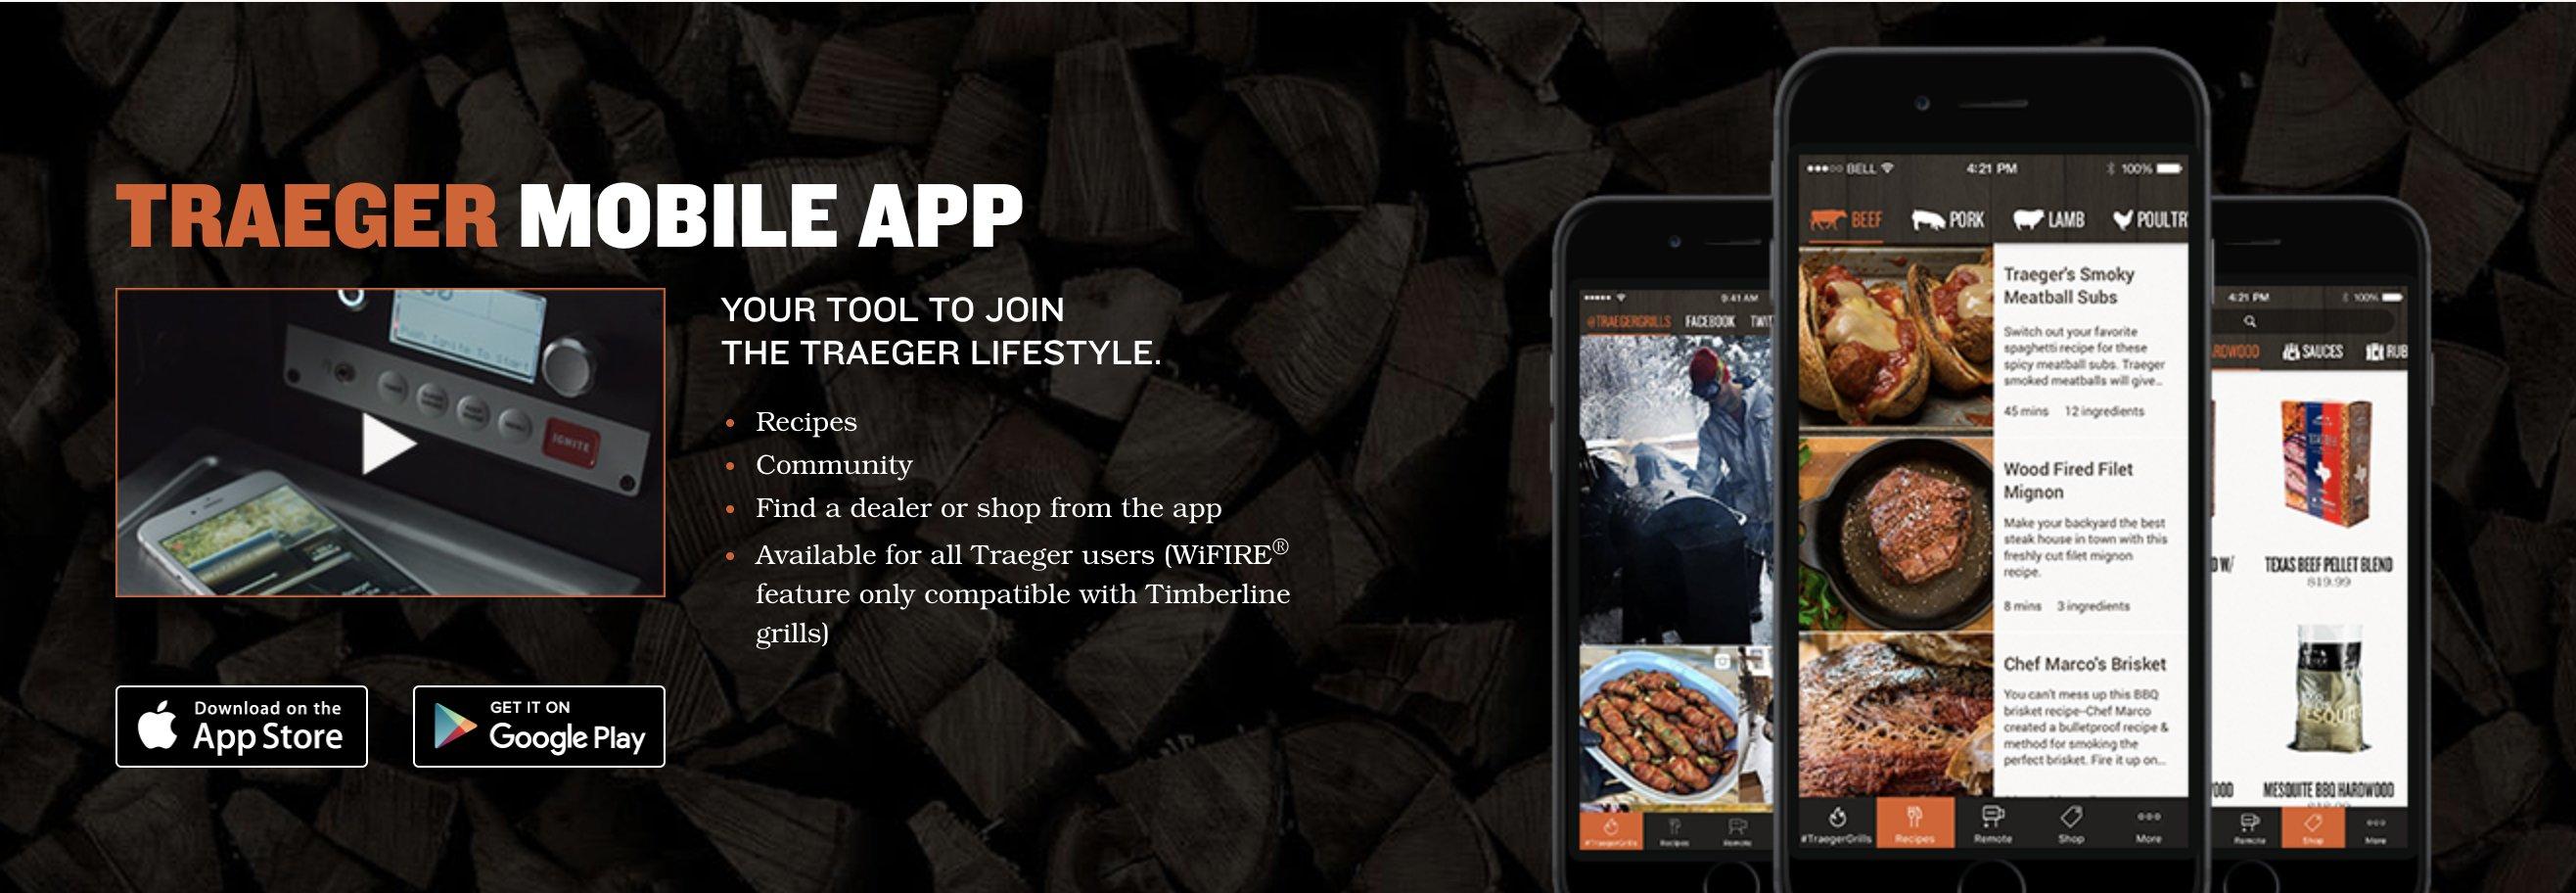 Traeger Grill App